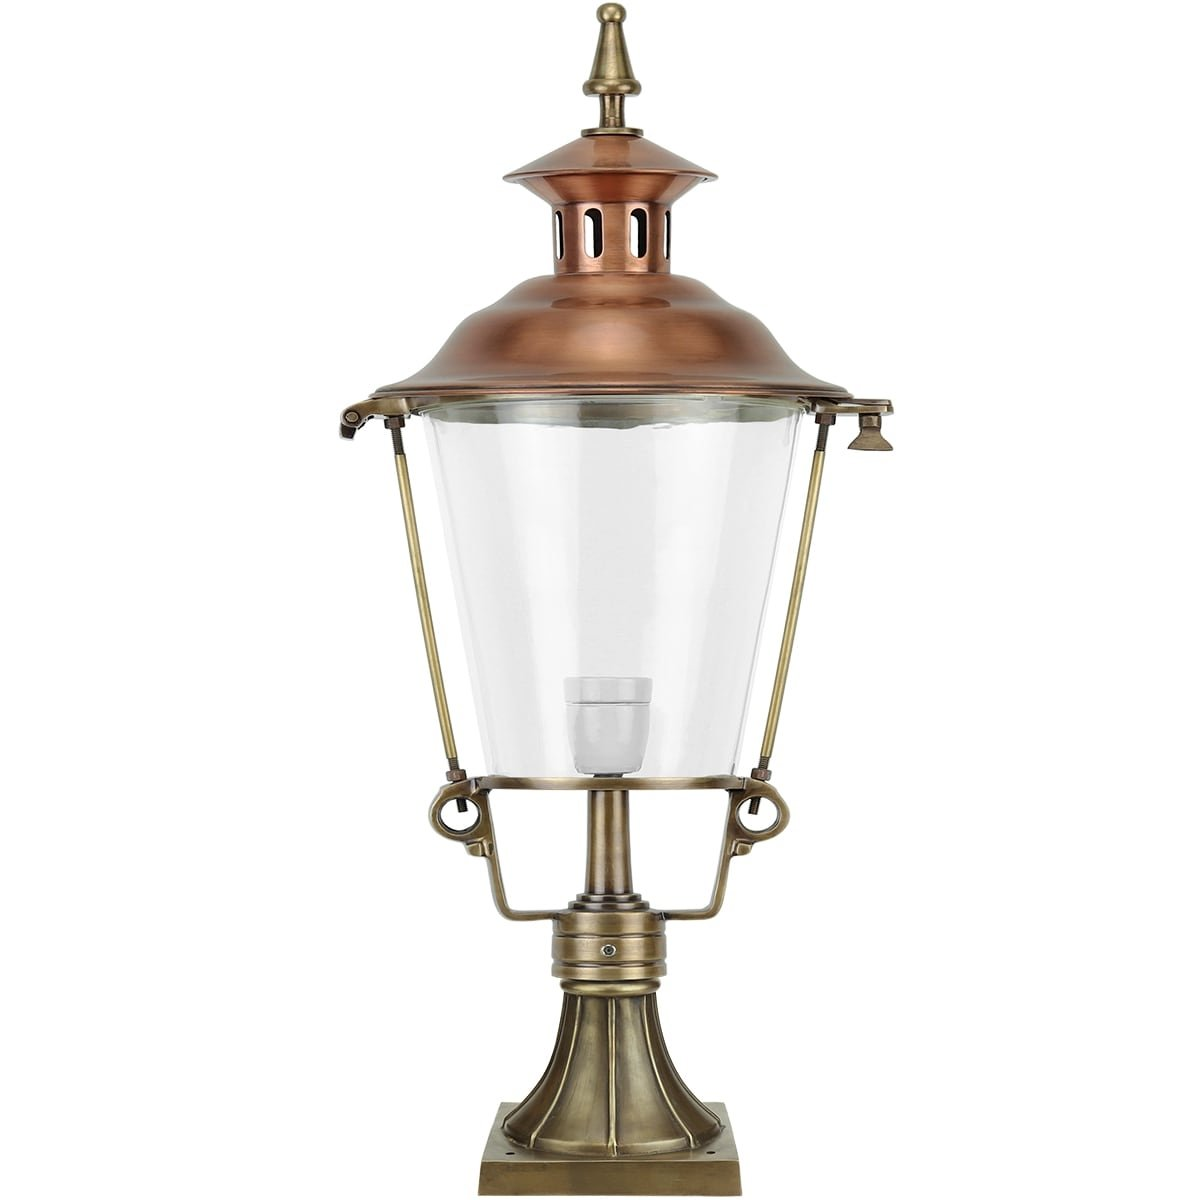 Außenbeleuchtung Klassisch Ländlich Laternenlampe draußen Slootdorp - 98 cm